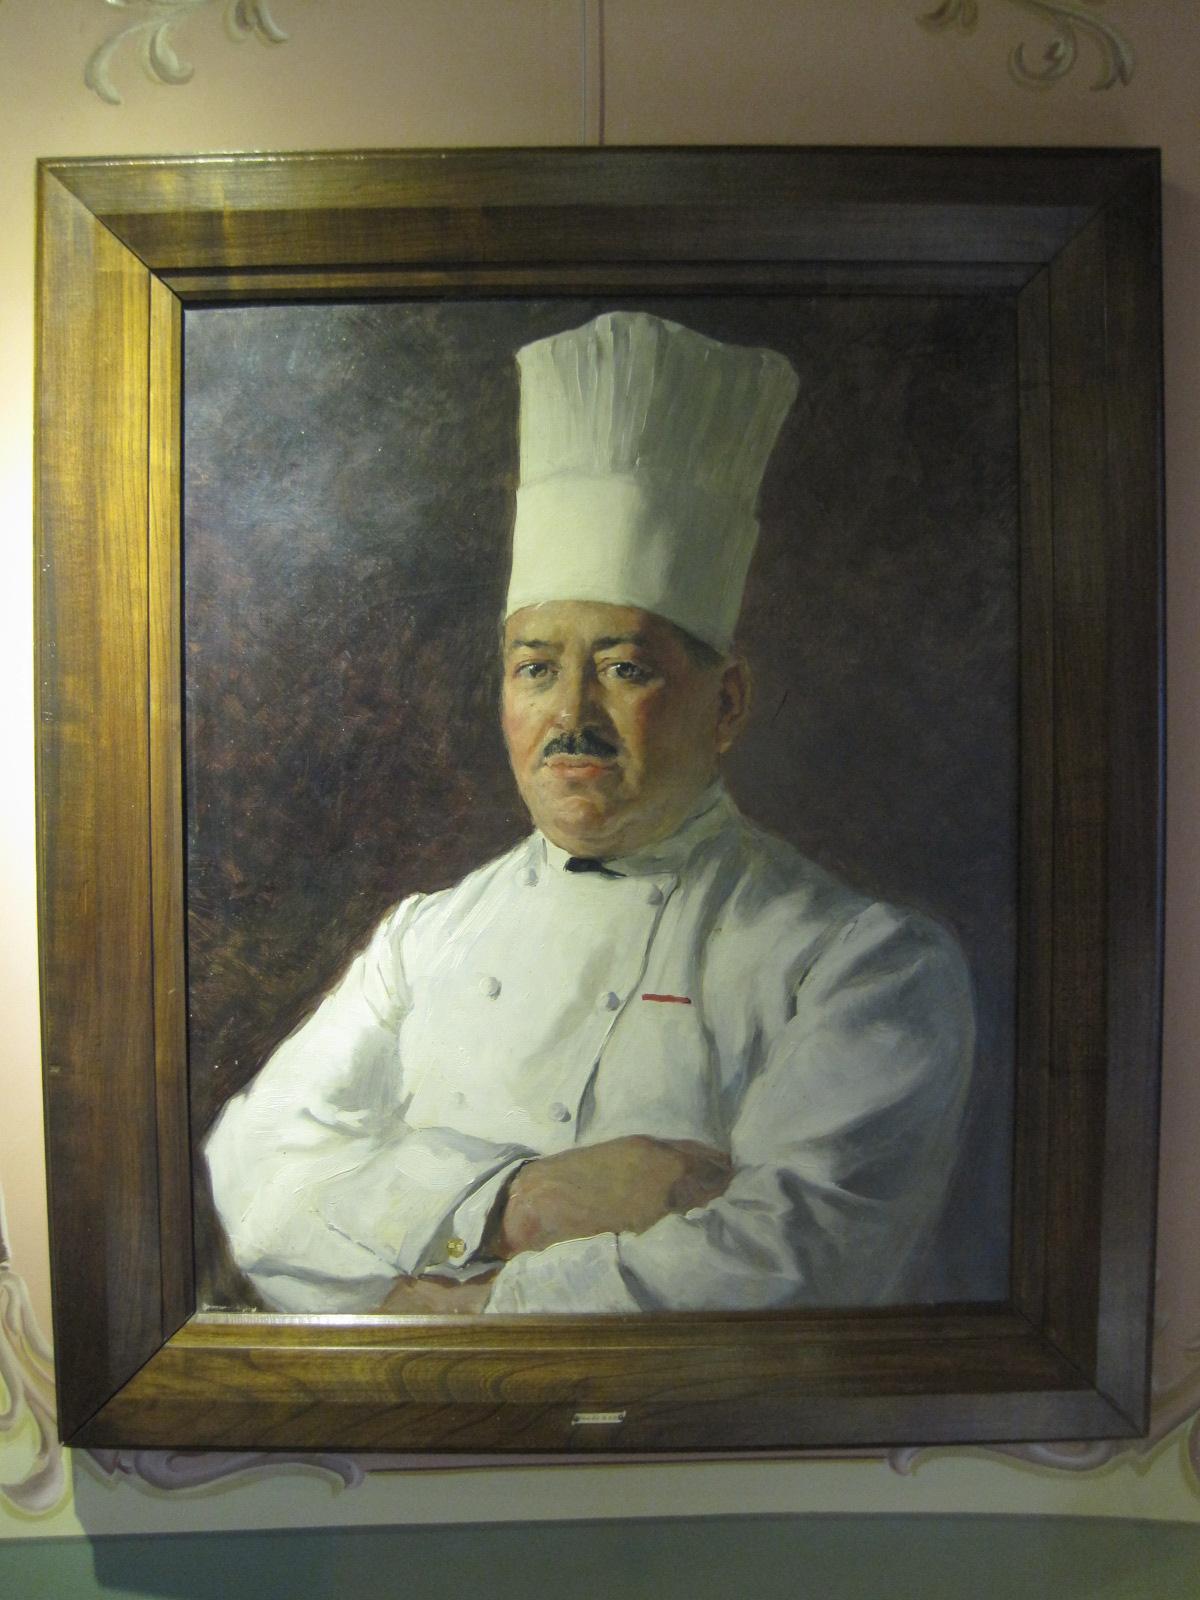 Alexandre dumaine wikip dia for Cuisinier 32 etoiles